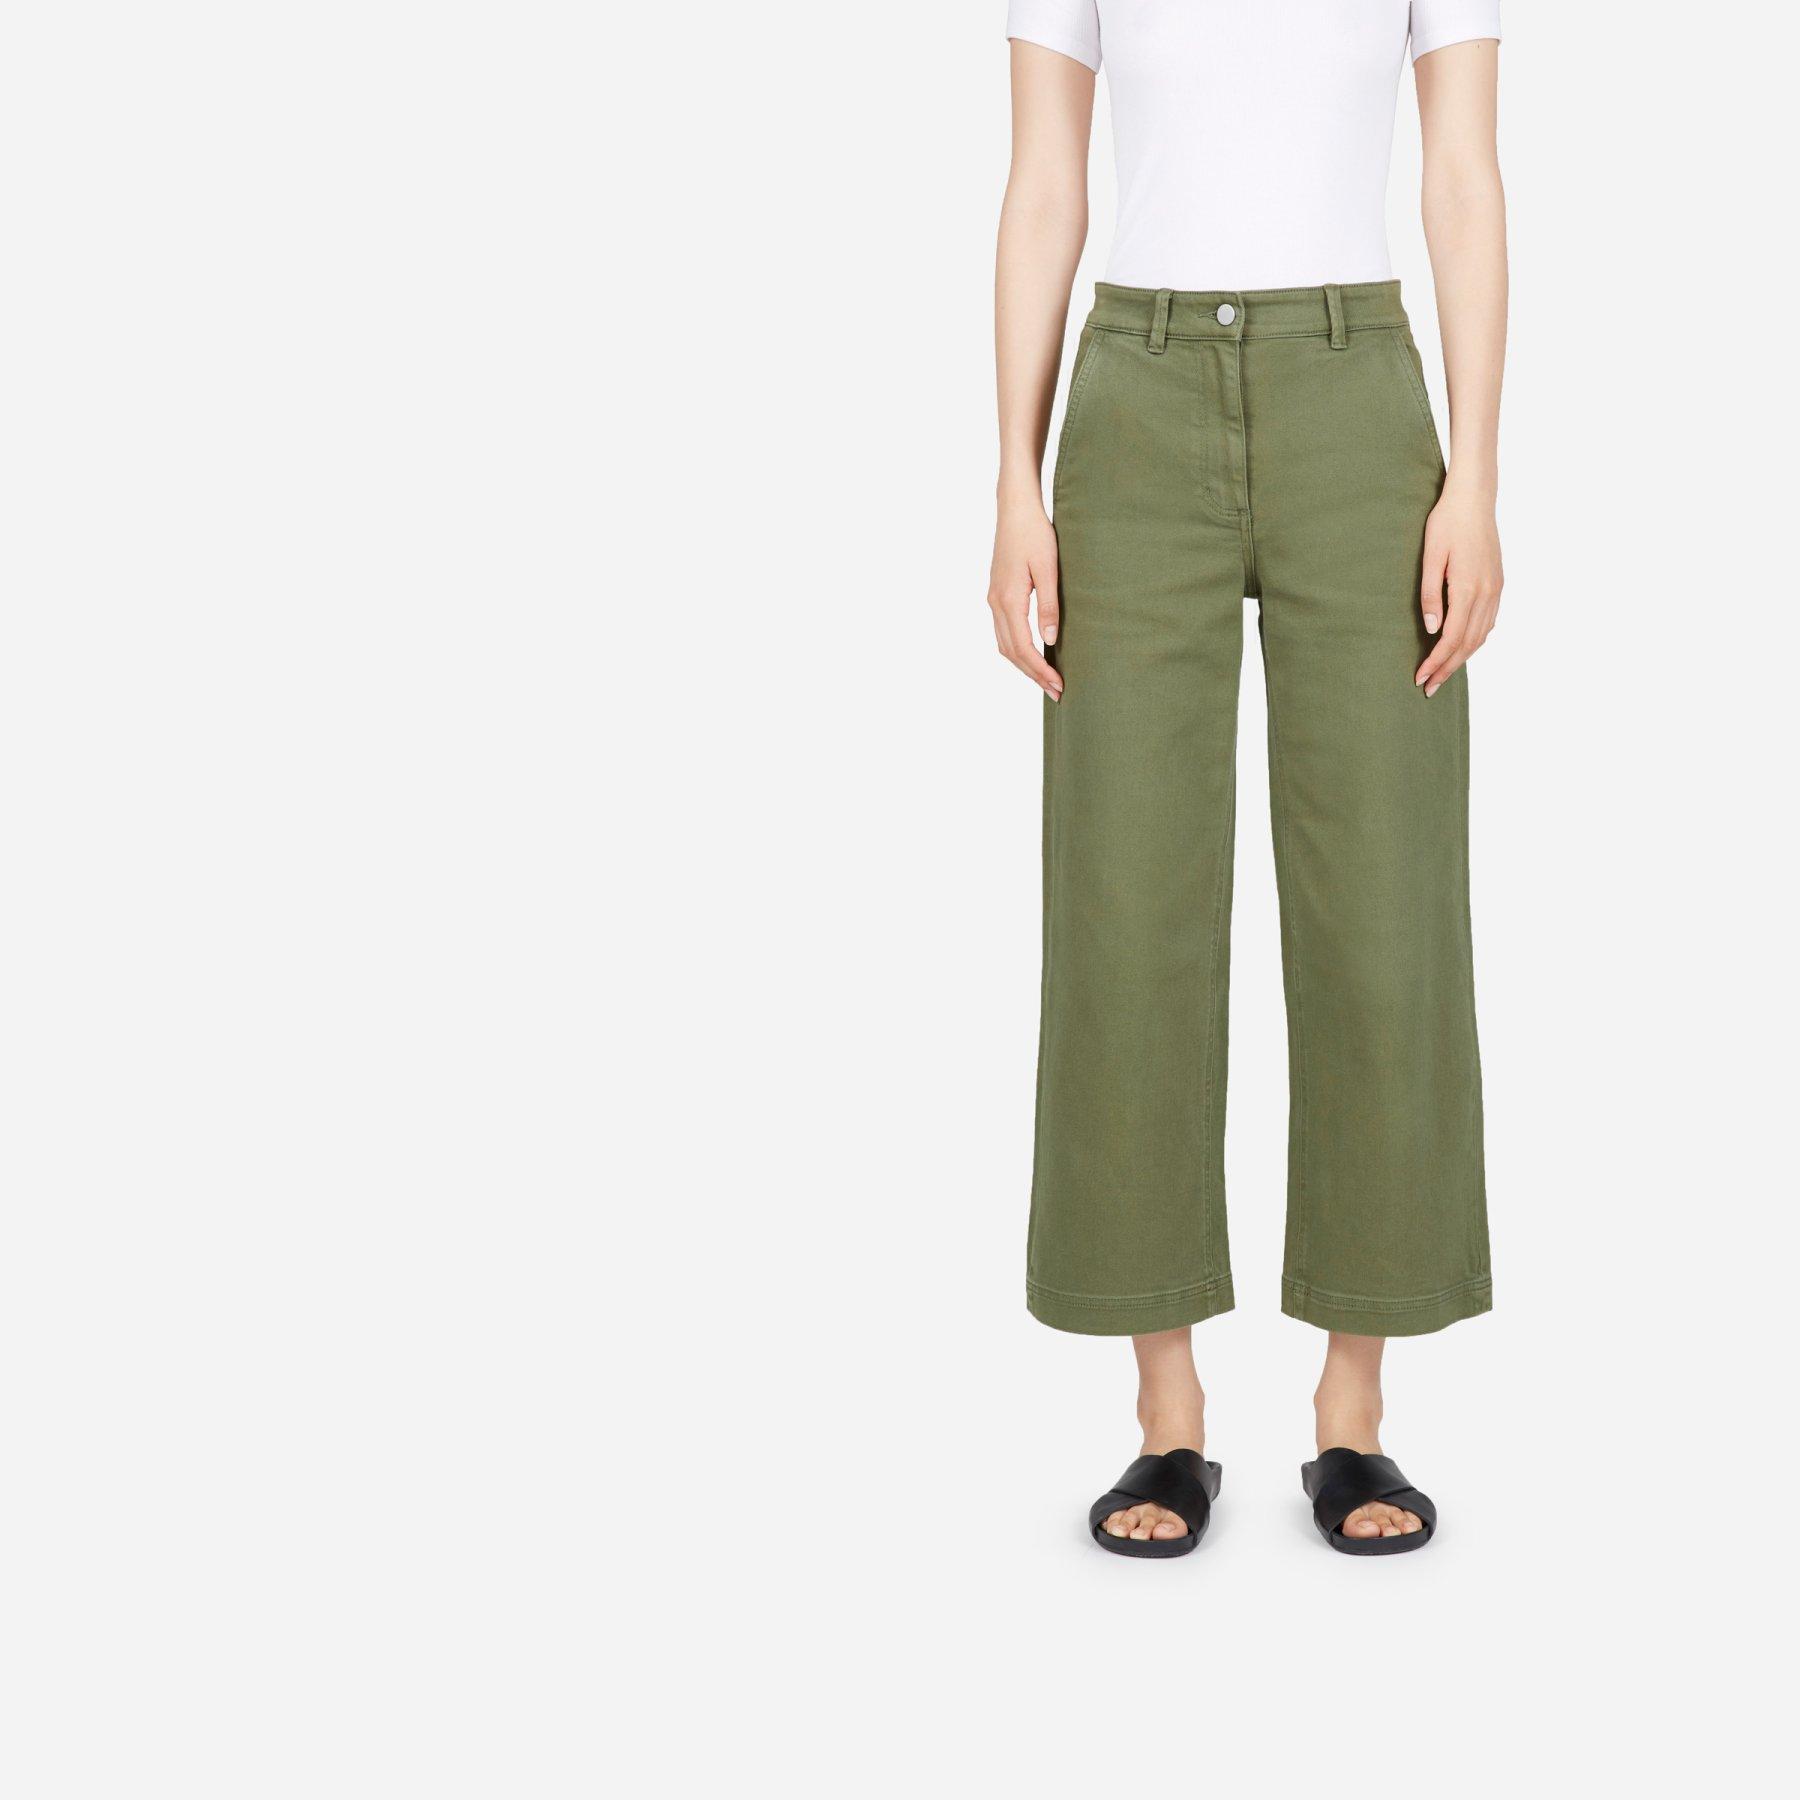 Everlane Wide Leg Crop $68